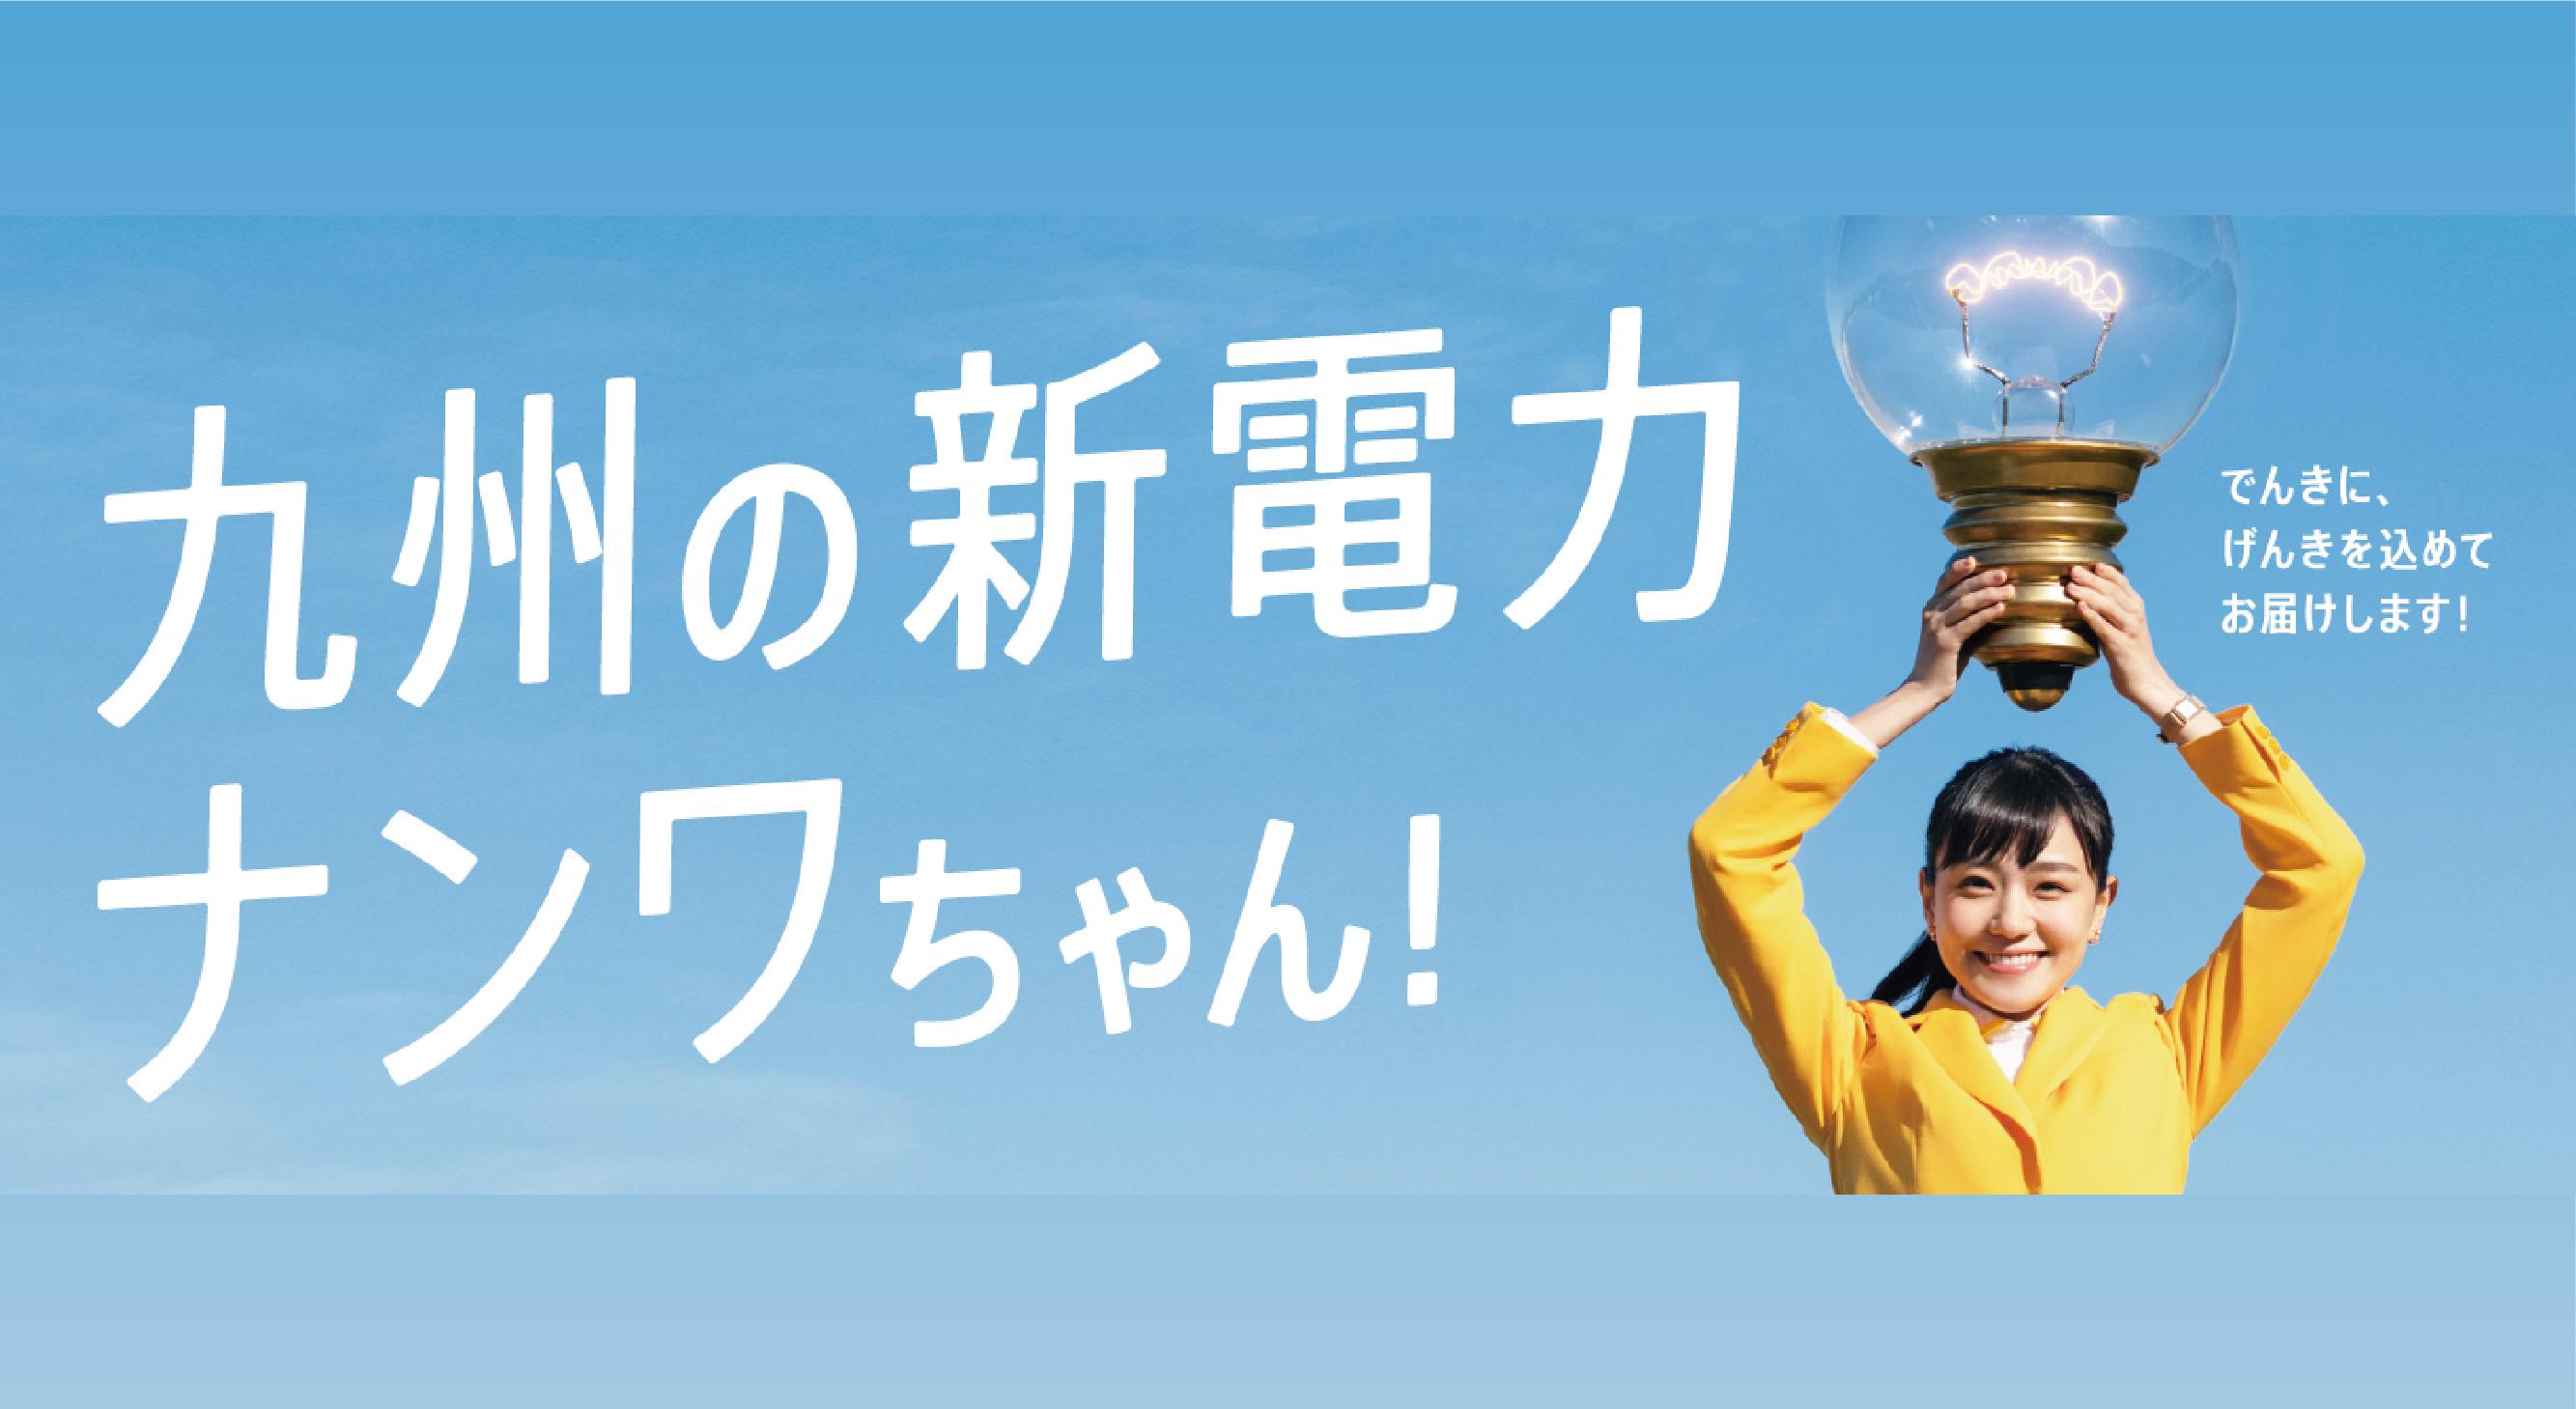 奈緒 電気代キャンペーン